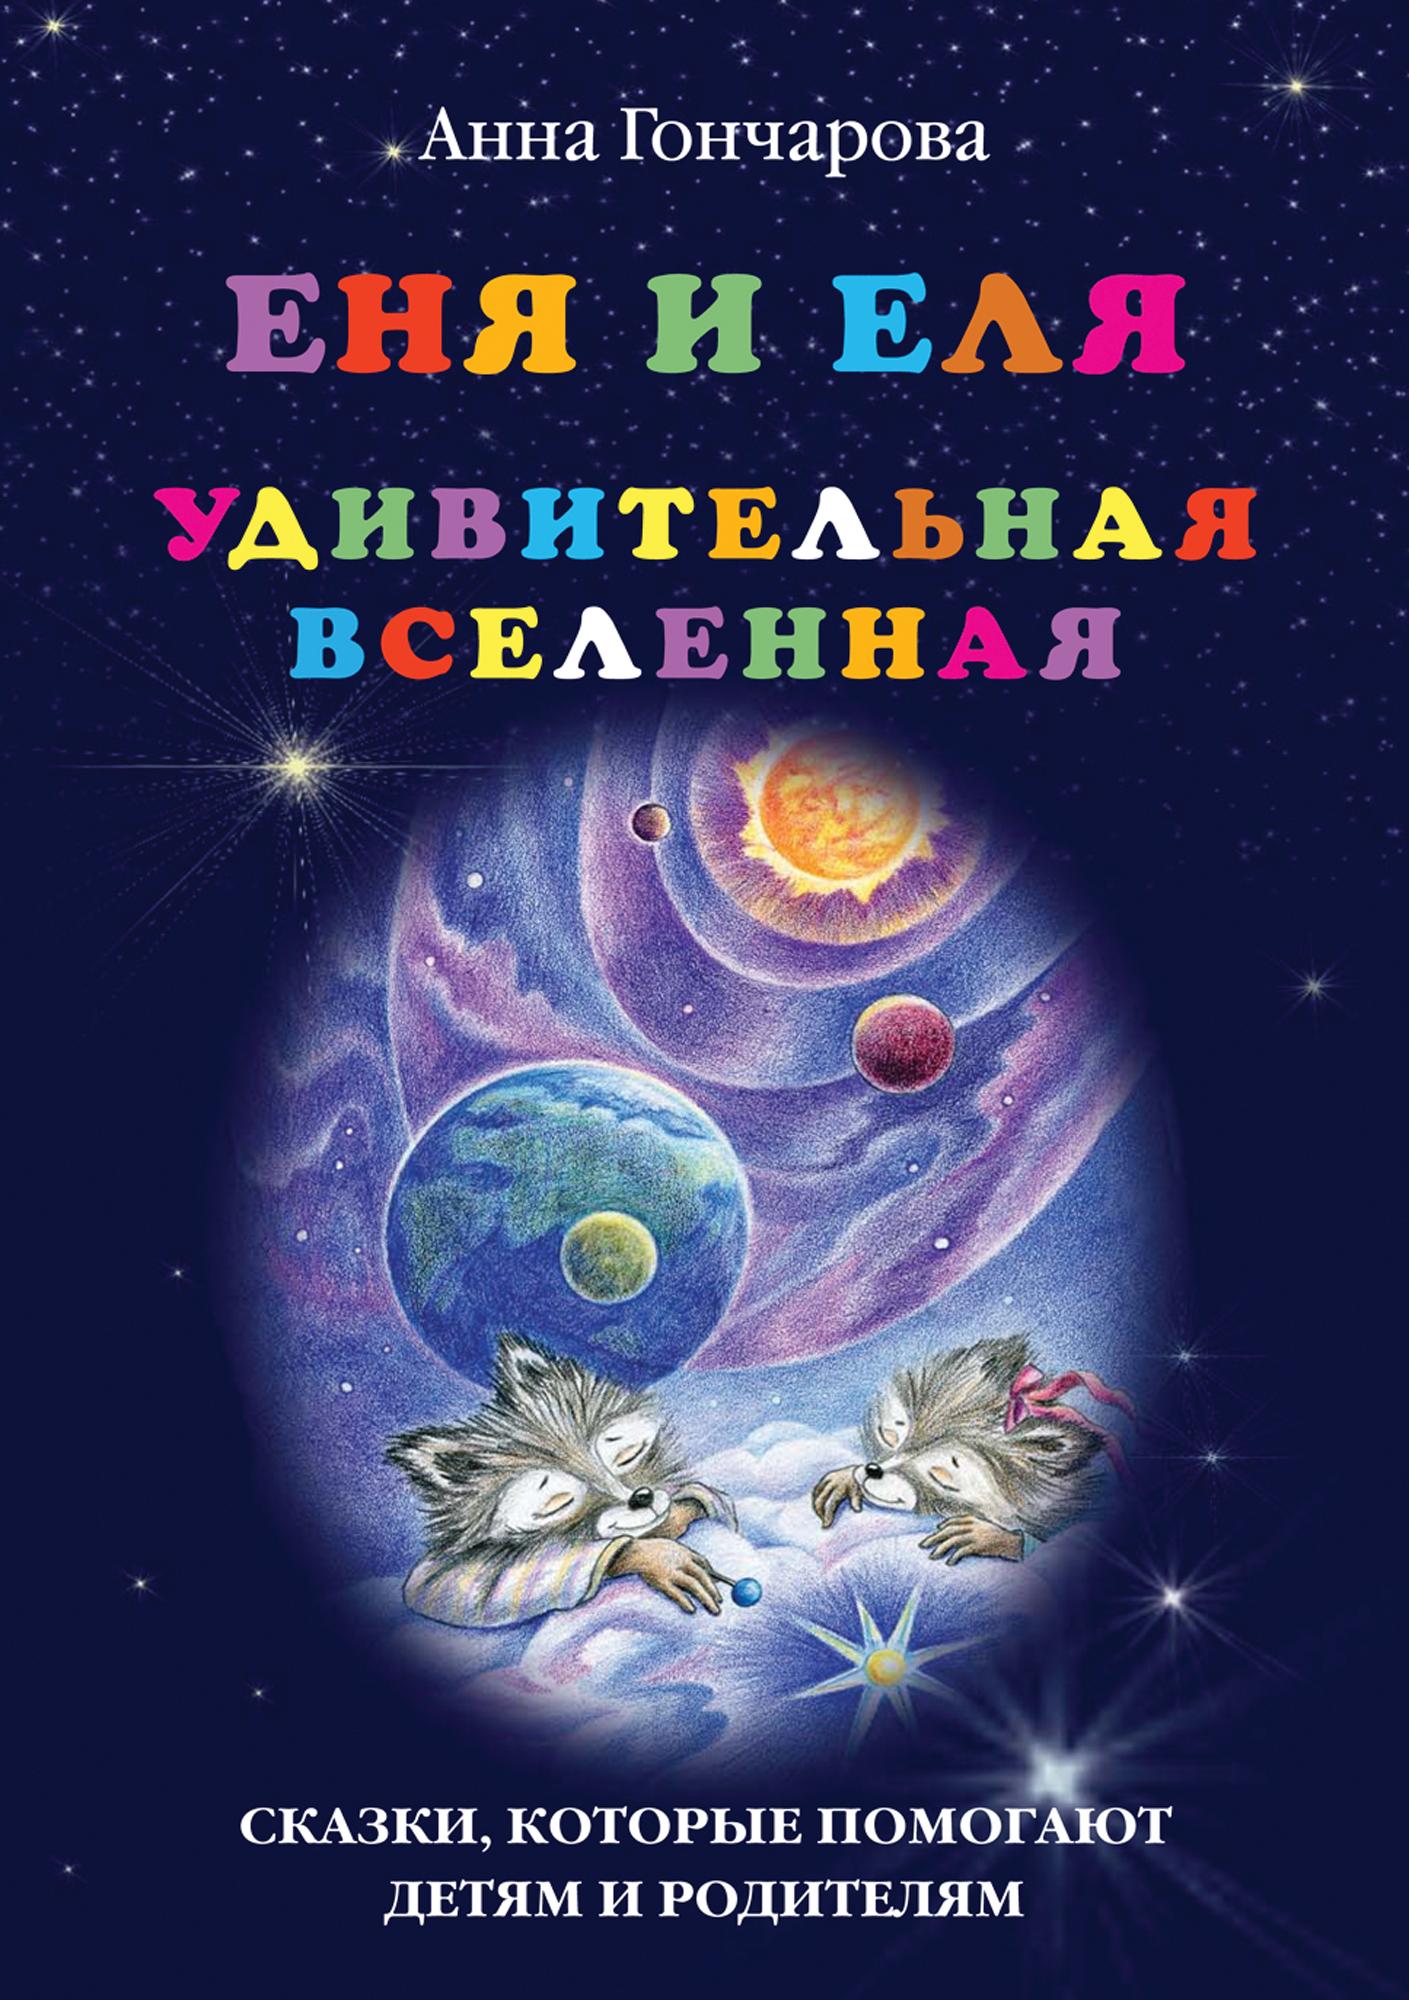 Анна Гончарова Еня и Еля. Удивительная вселенная анна гончарова еня и еля удивительная вселенная